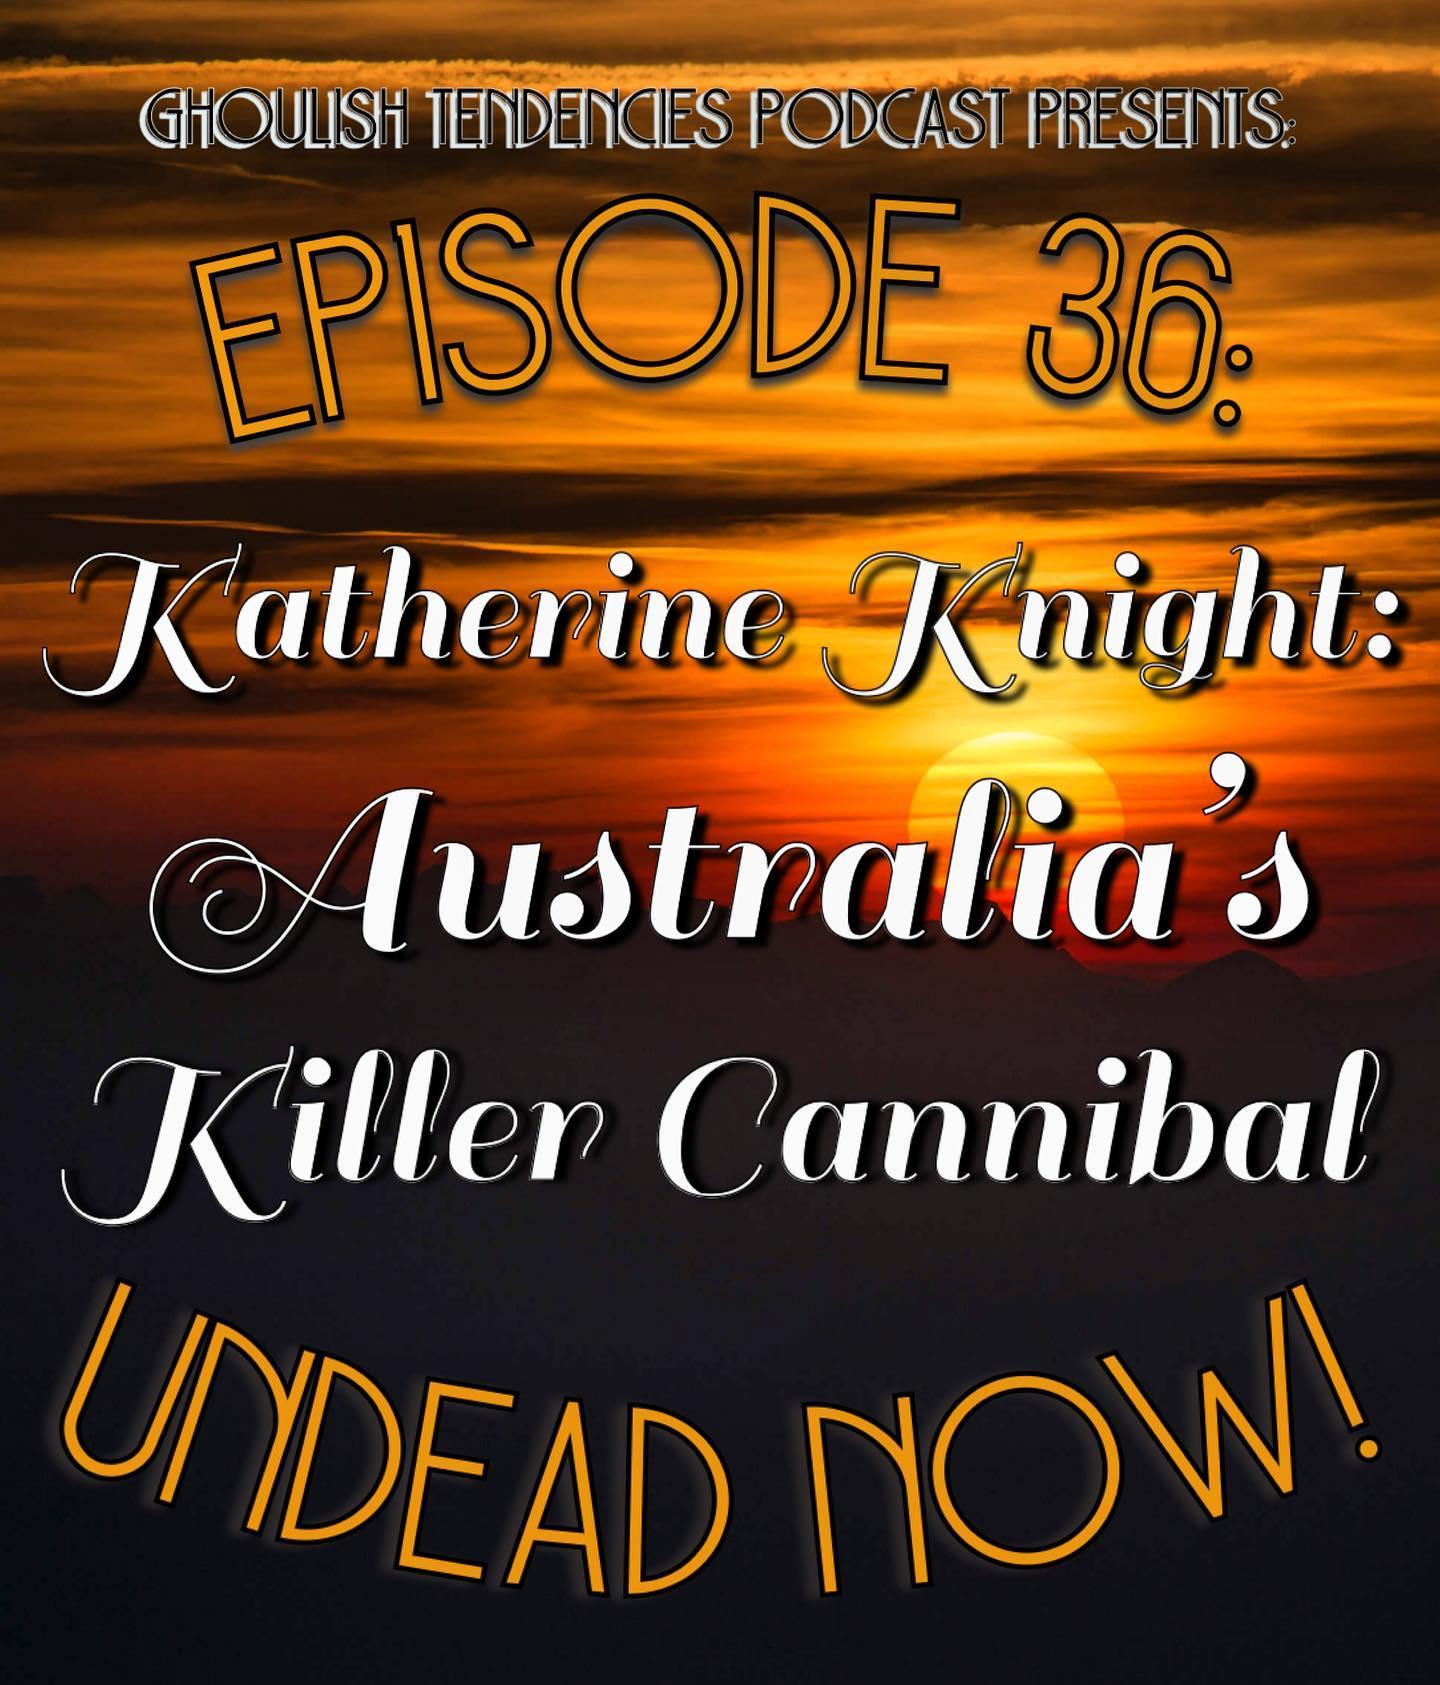 Knight australia katherine Katherine Knight